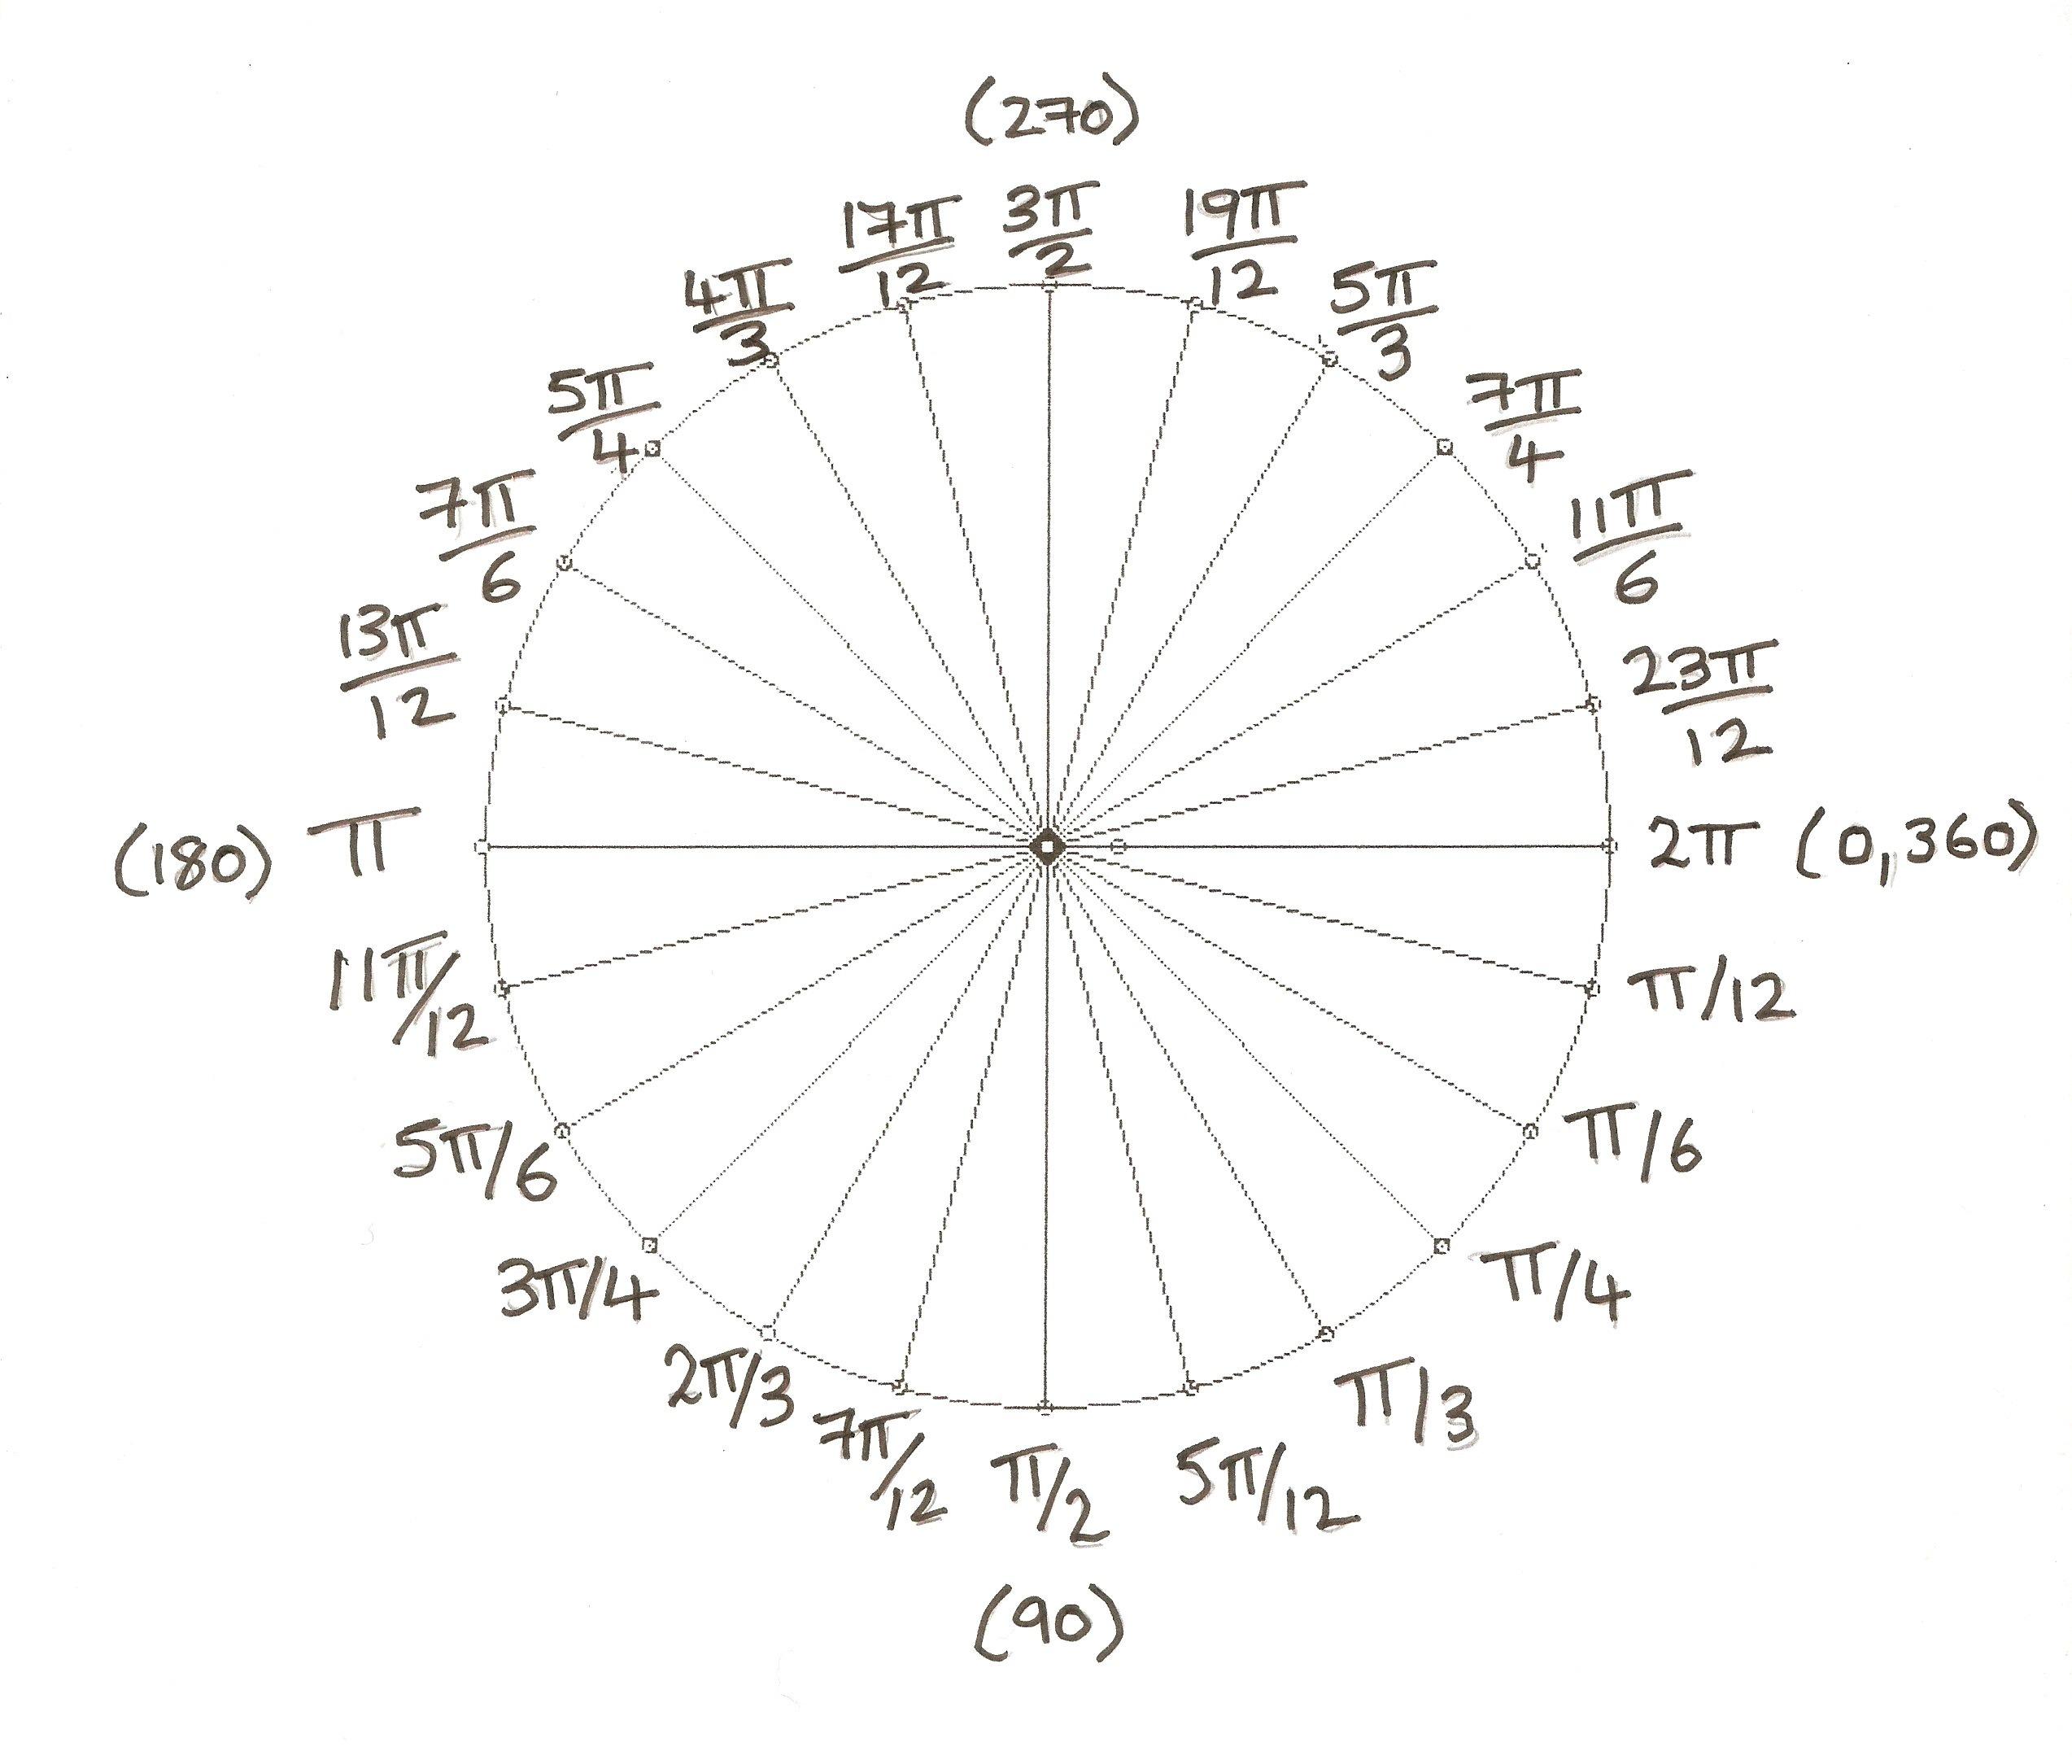 Transforme 7pi 5 Radianos Em Graus